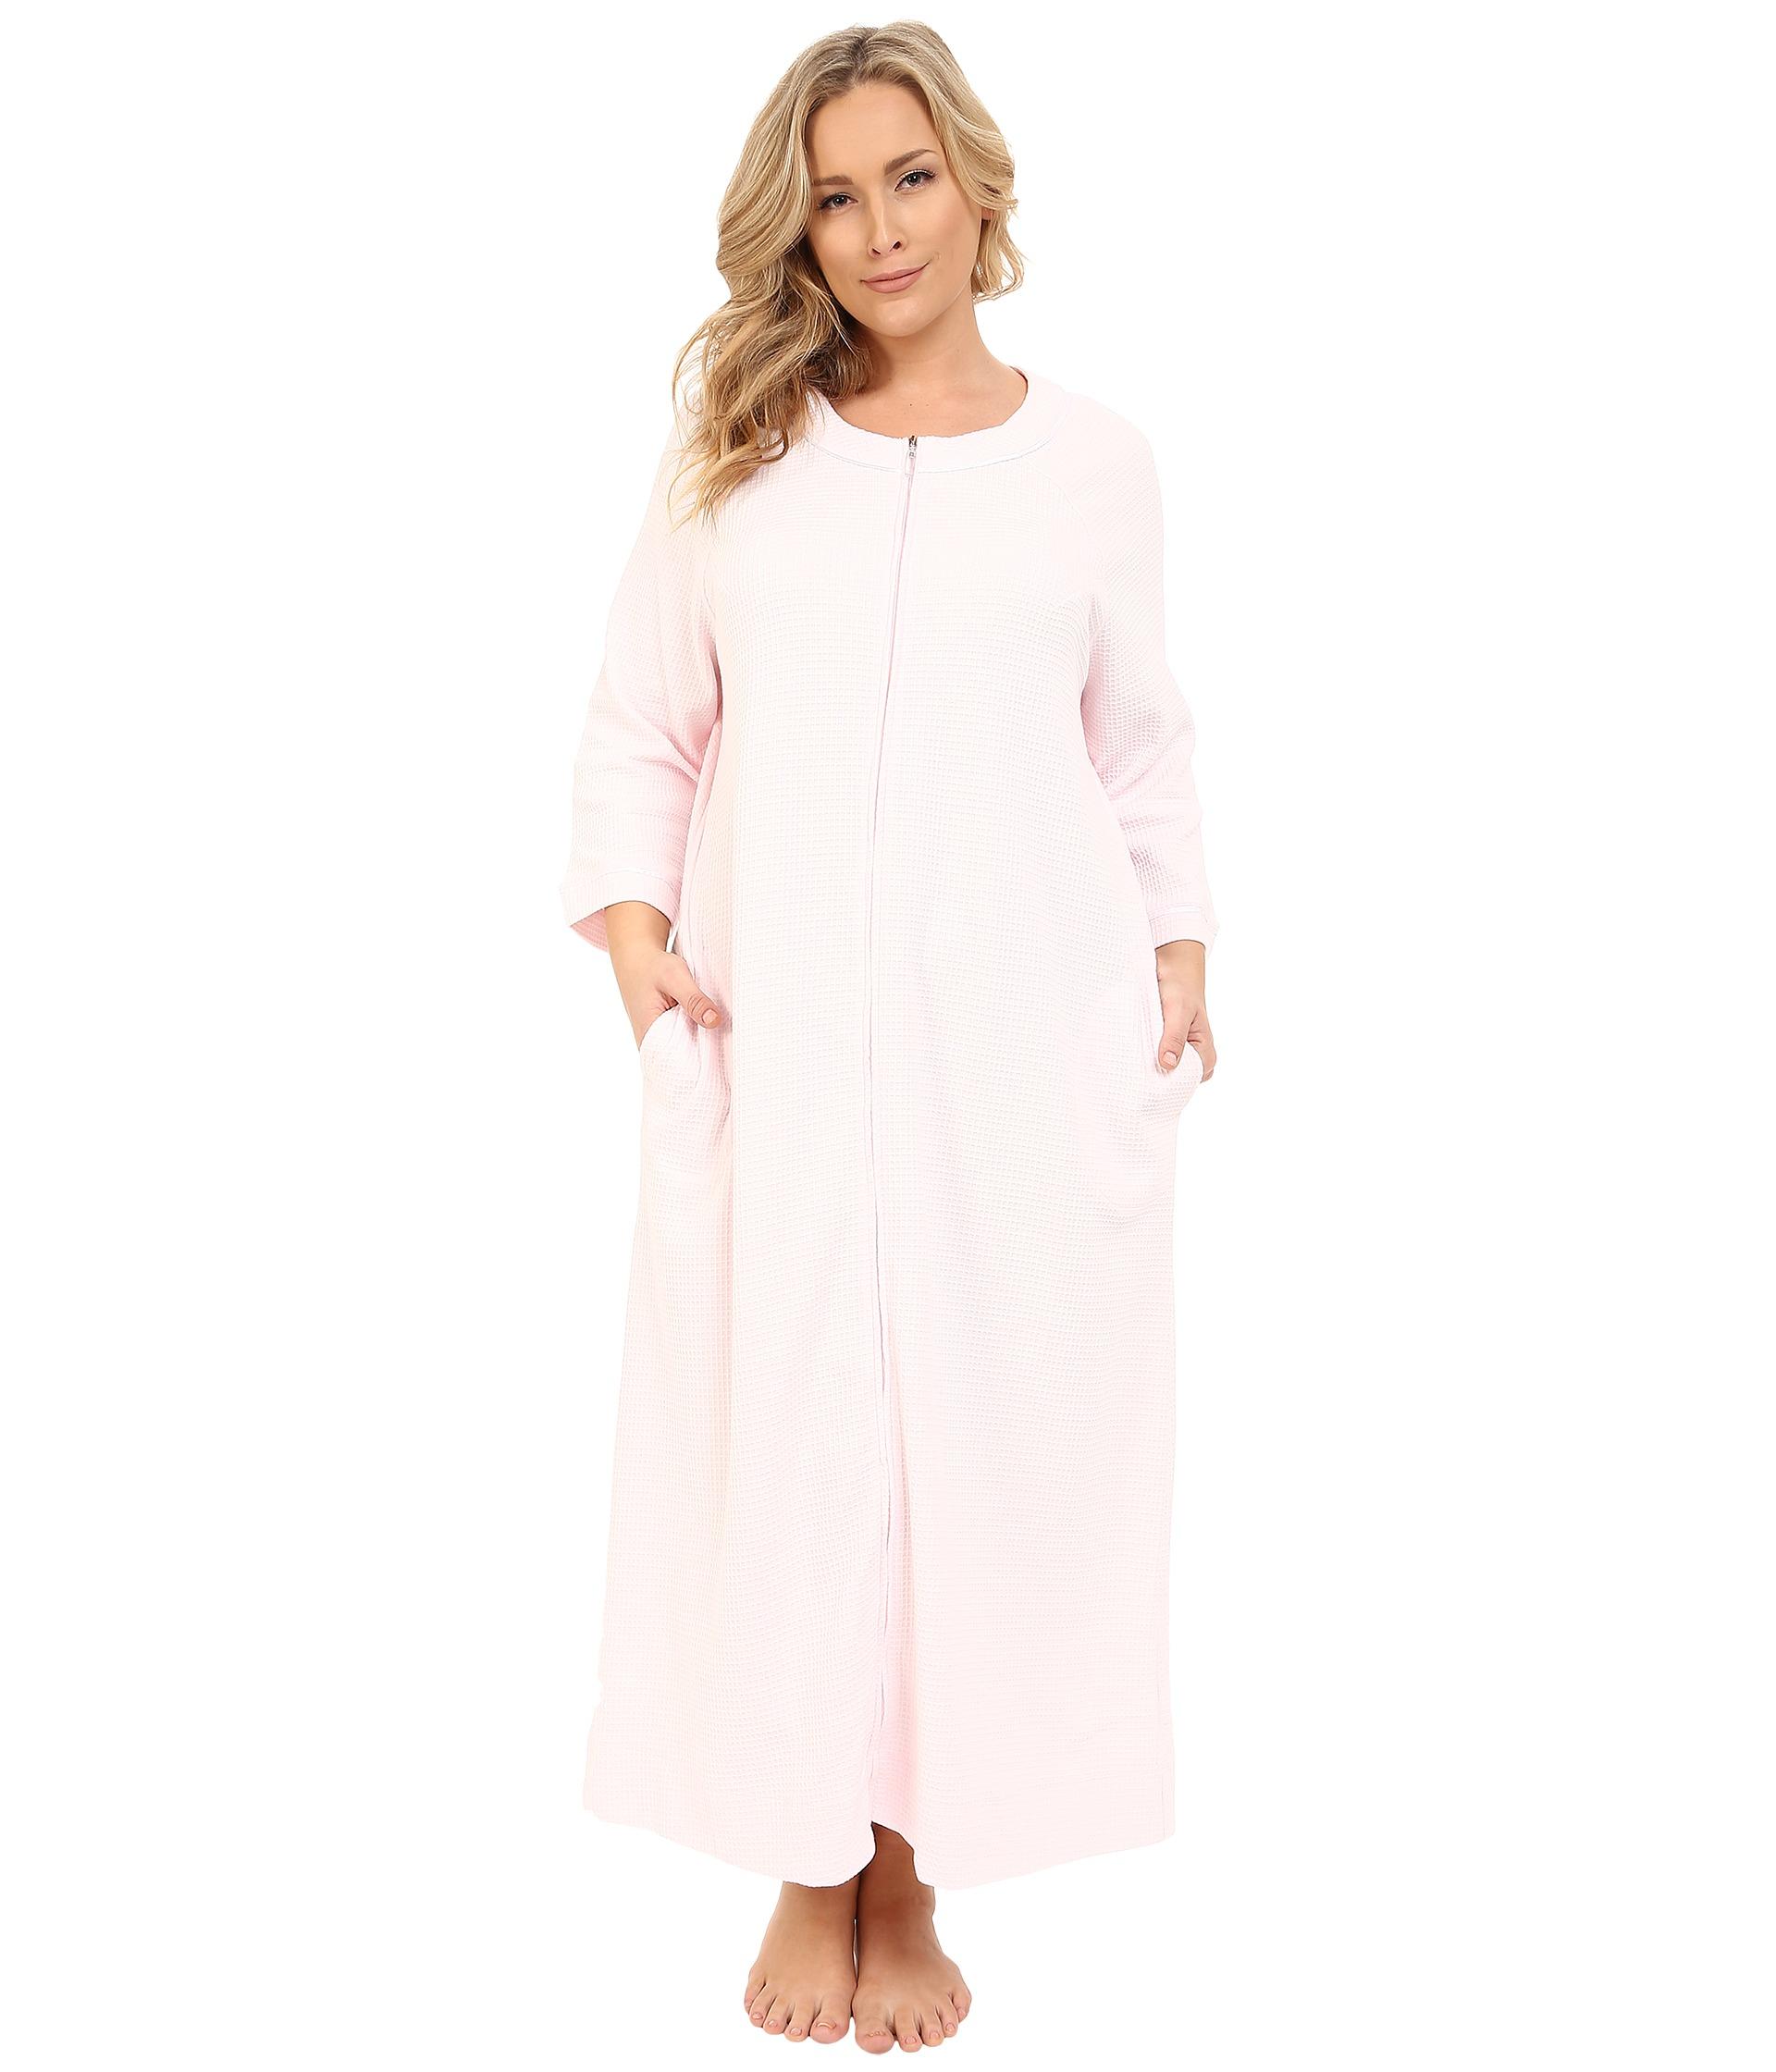 Lyst - Carole Hochman Plus Size Waffle Knit Zip Robe in Pink